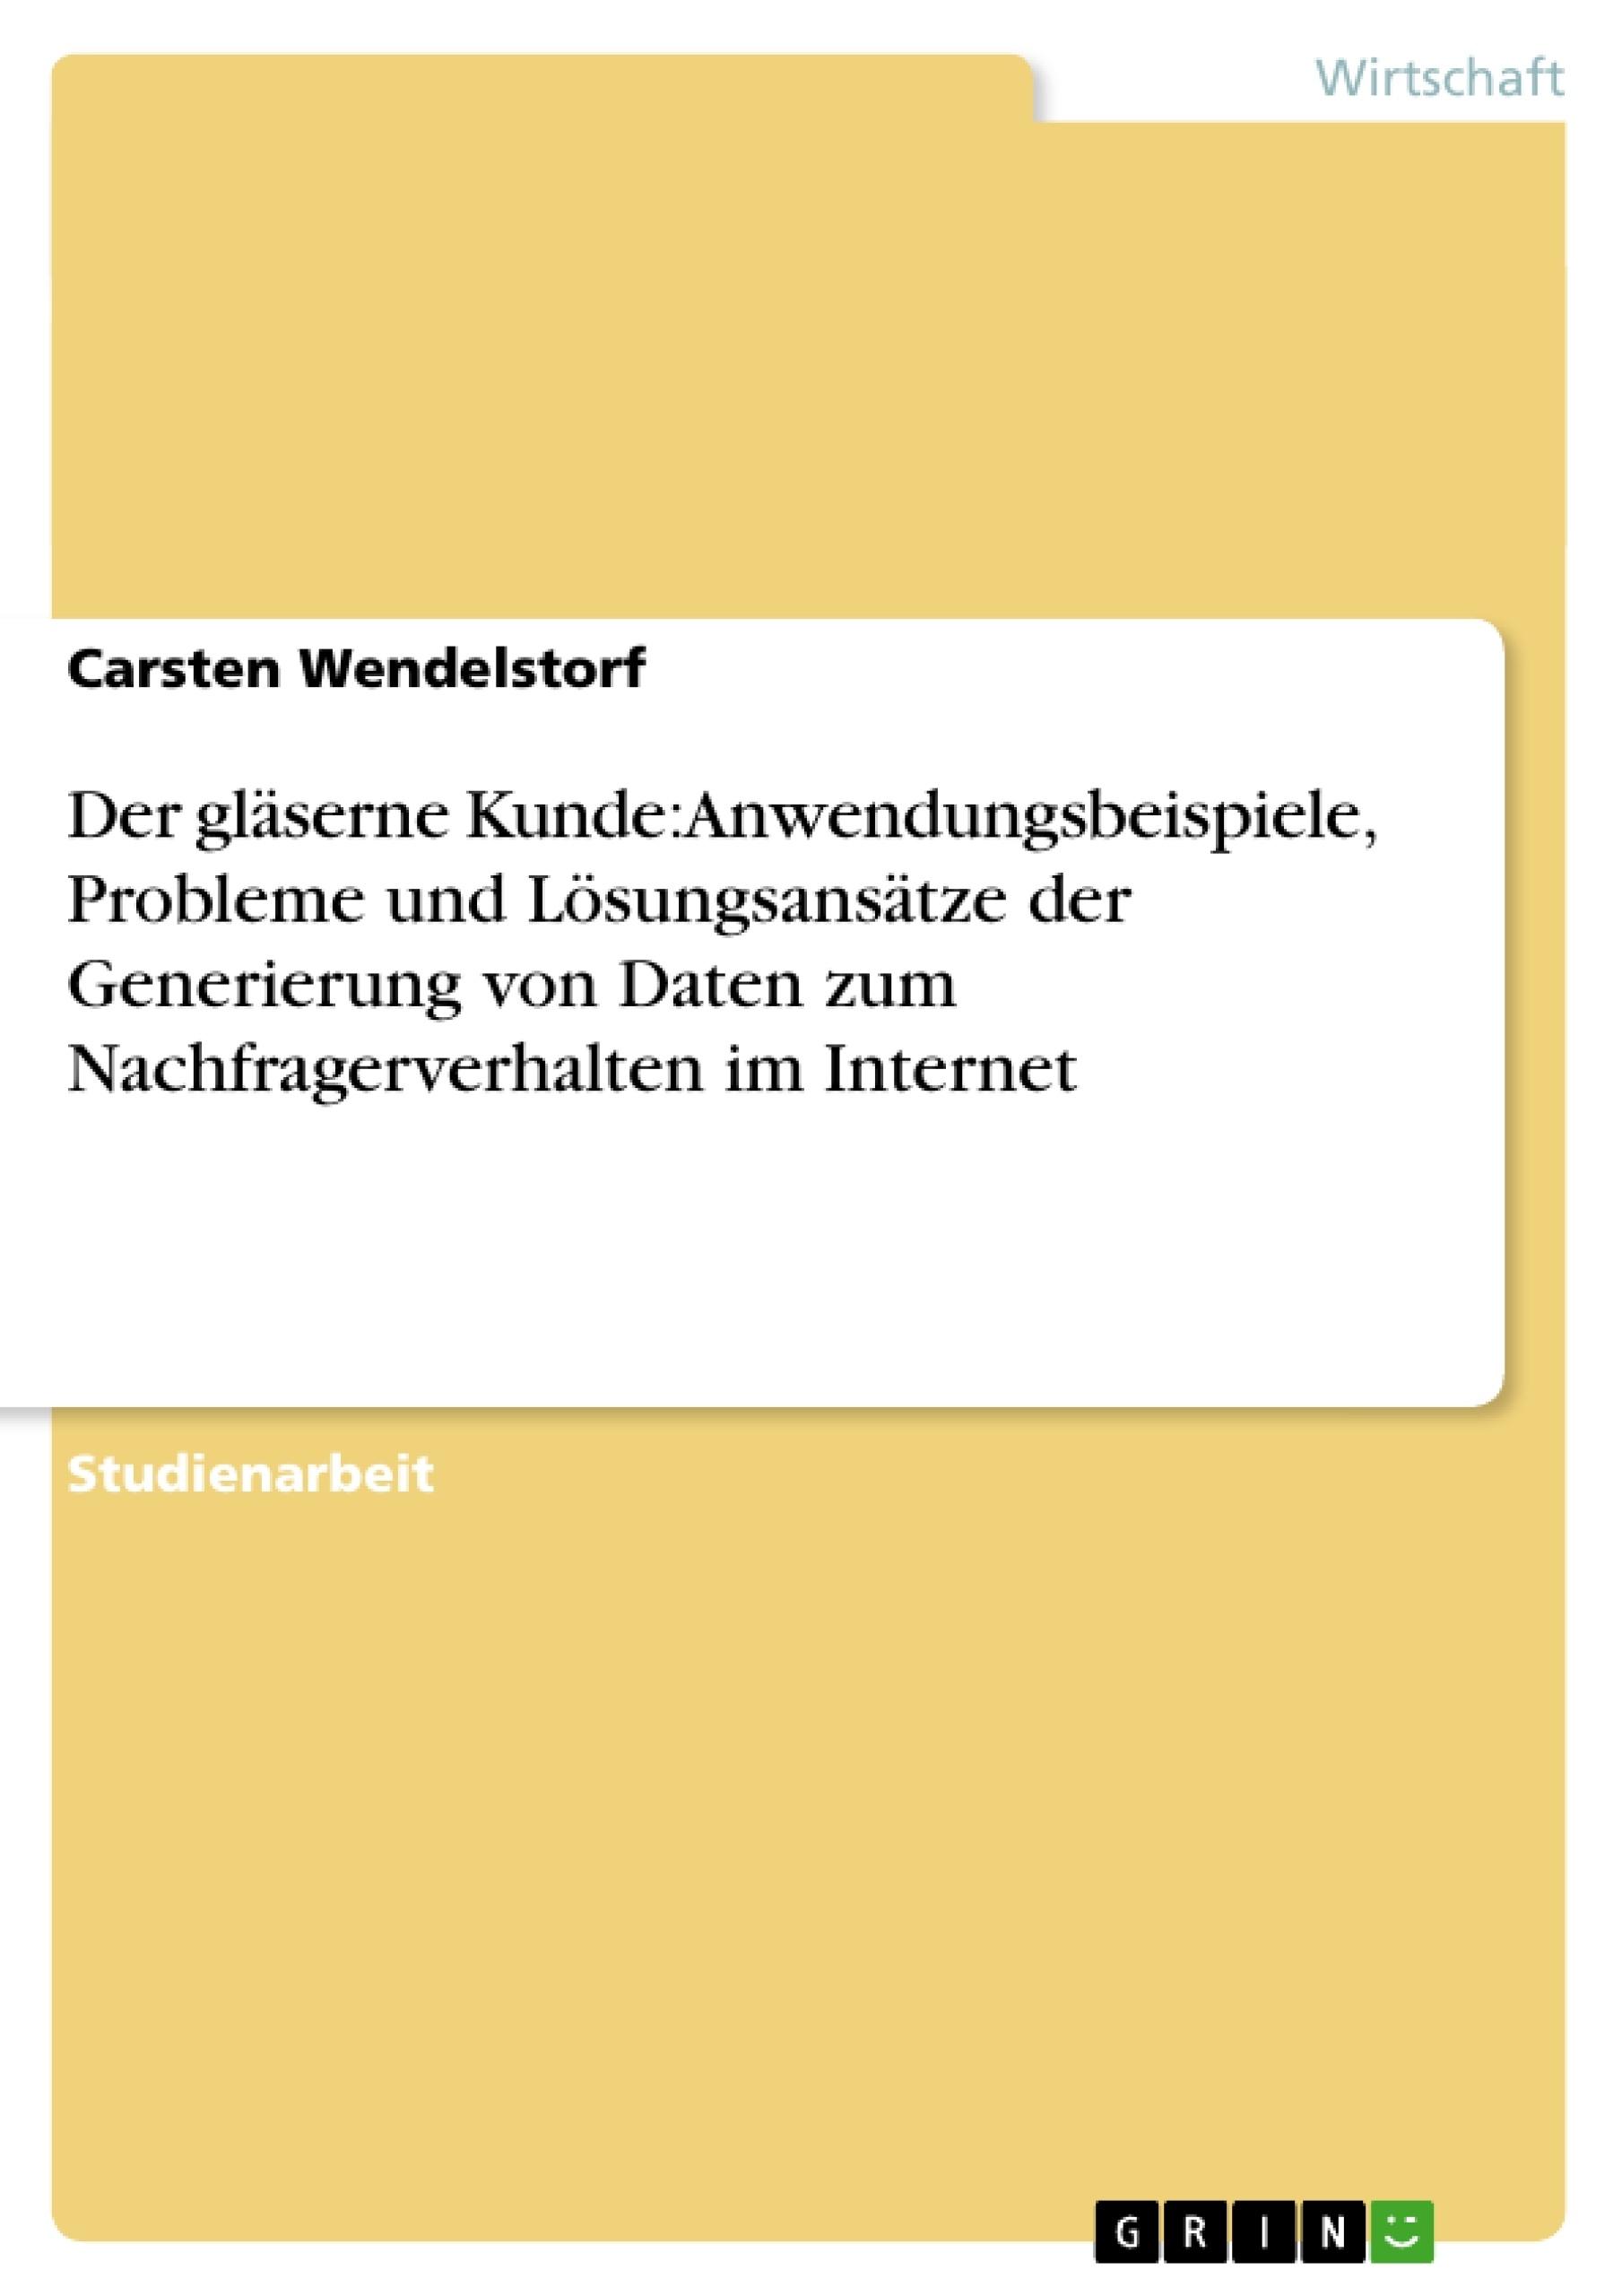 Titel: Der gläserne Kunde: Anwendungsbeispiele, Probleme und Lösungsansätze der Generierung von Daten zum Nachfragerverhalten im Internet